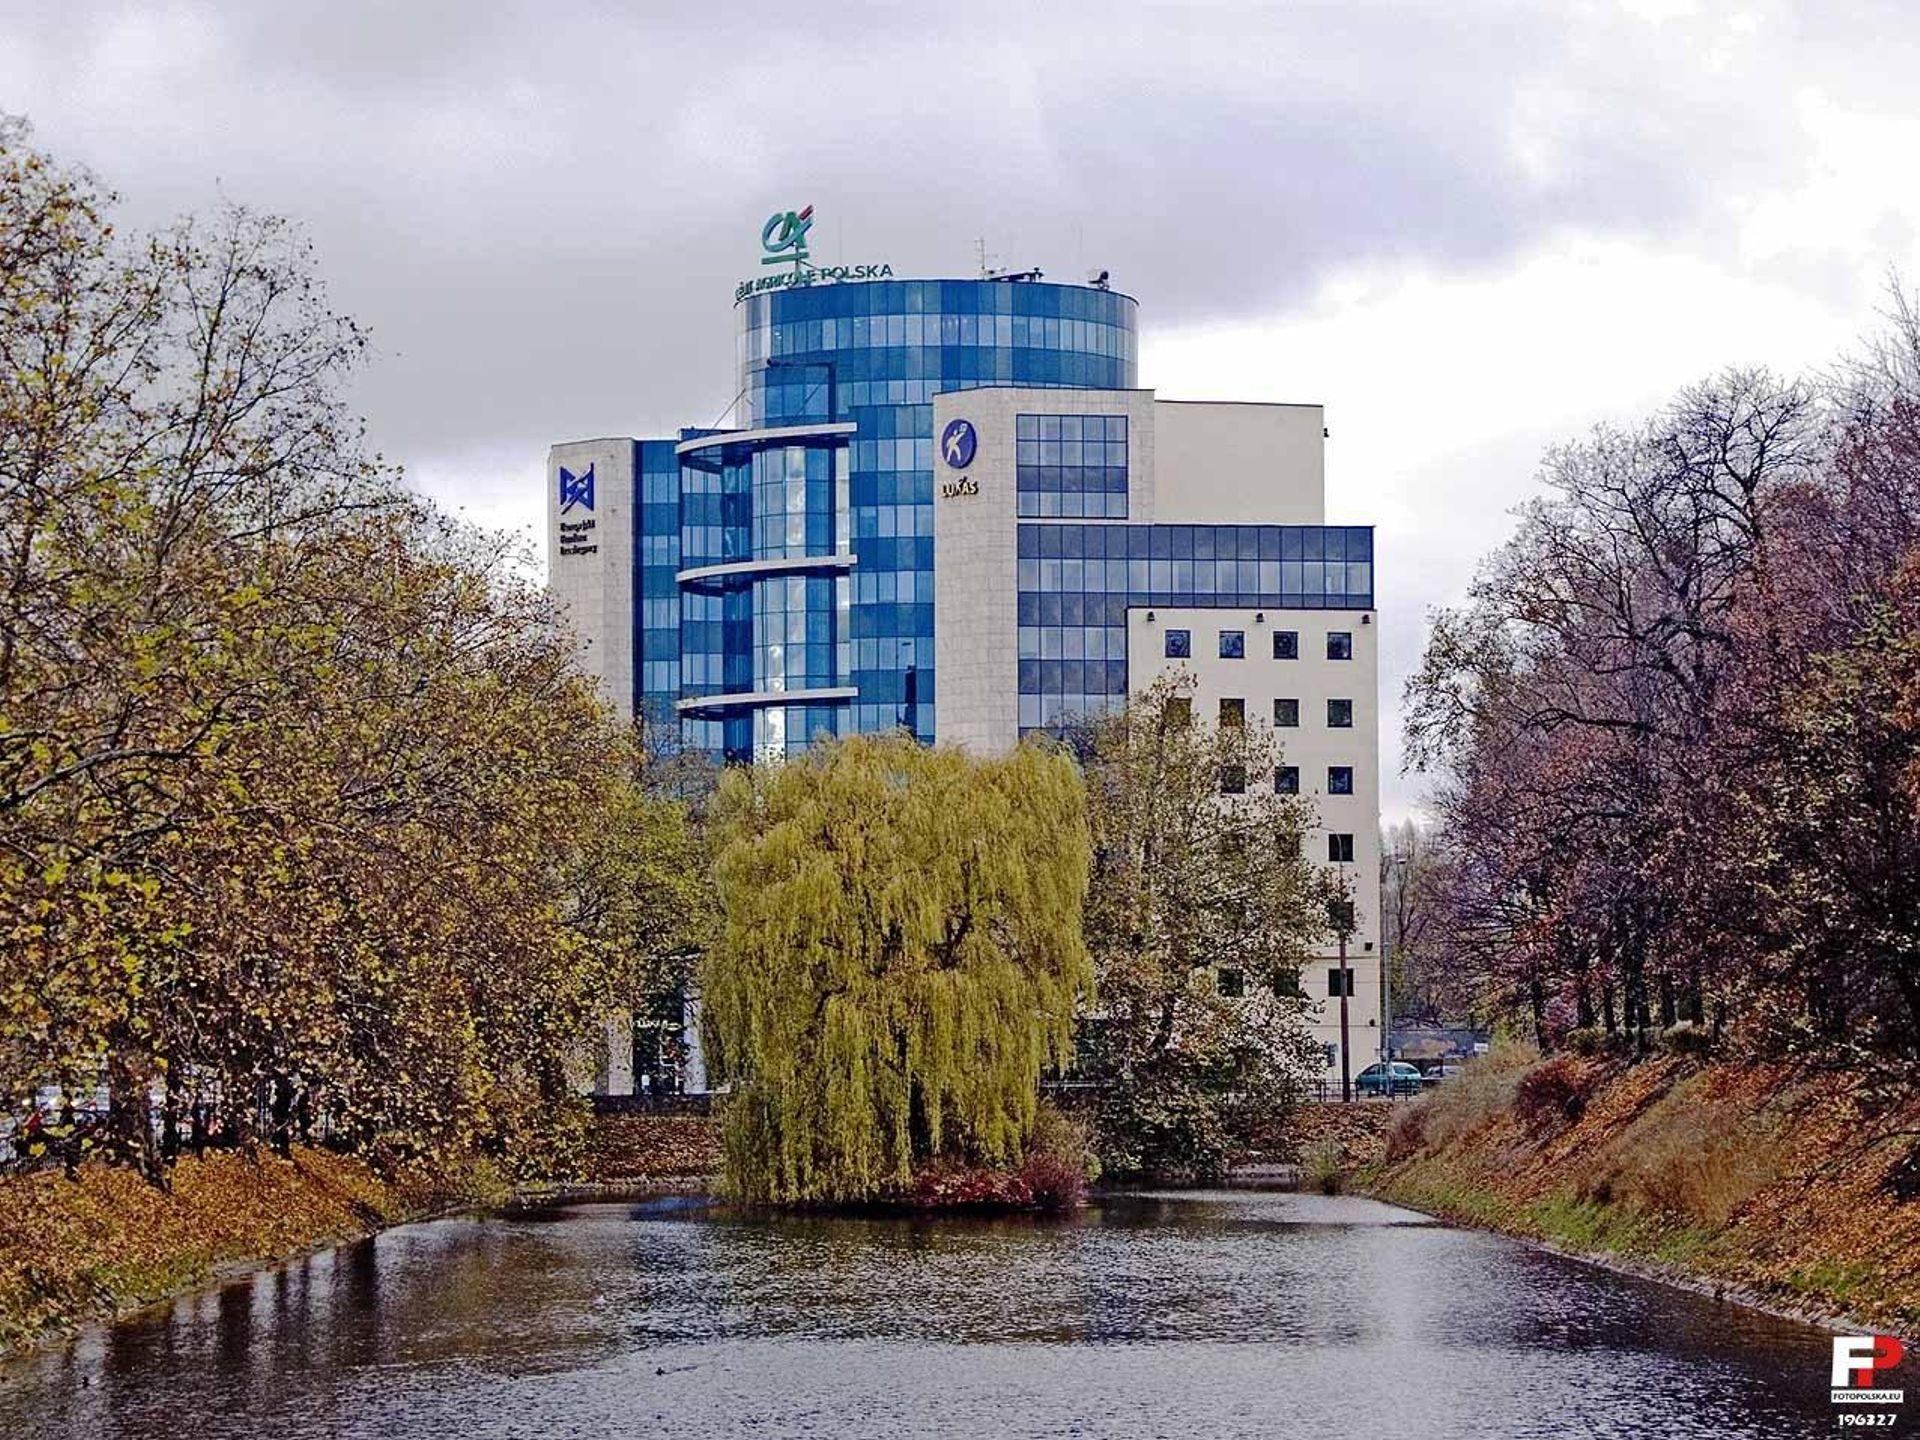 Wrocław: Credit Agricole sprzedaje główną siedzibę. To już drugi z banków w ostatnim czasie